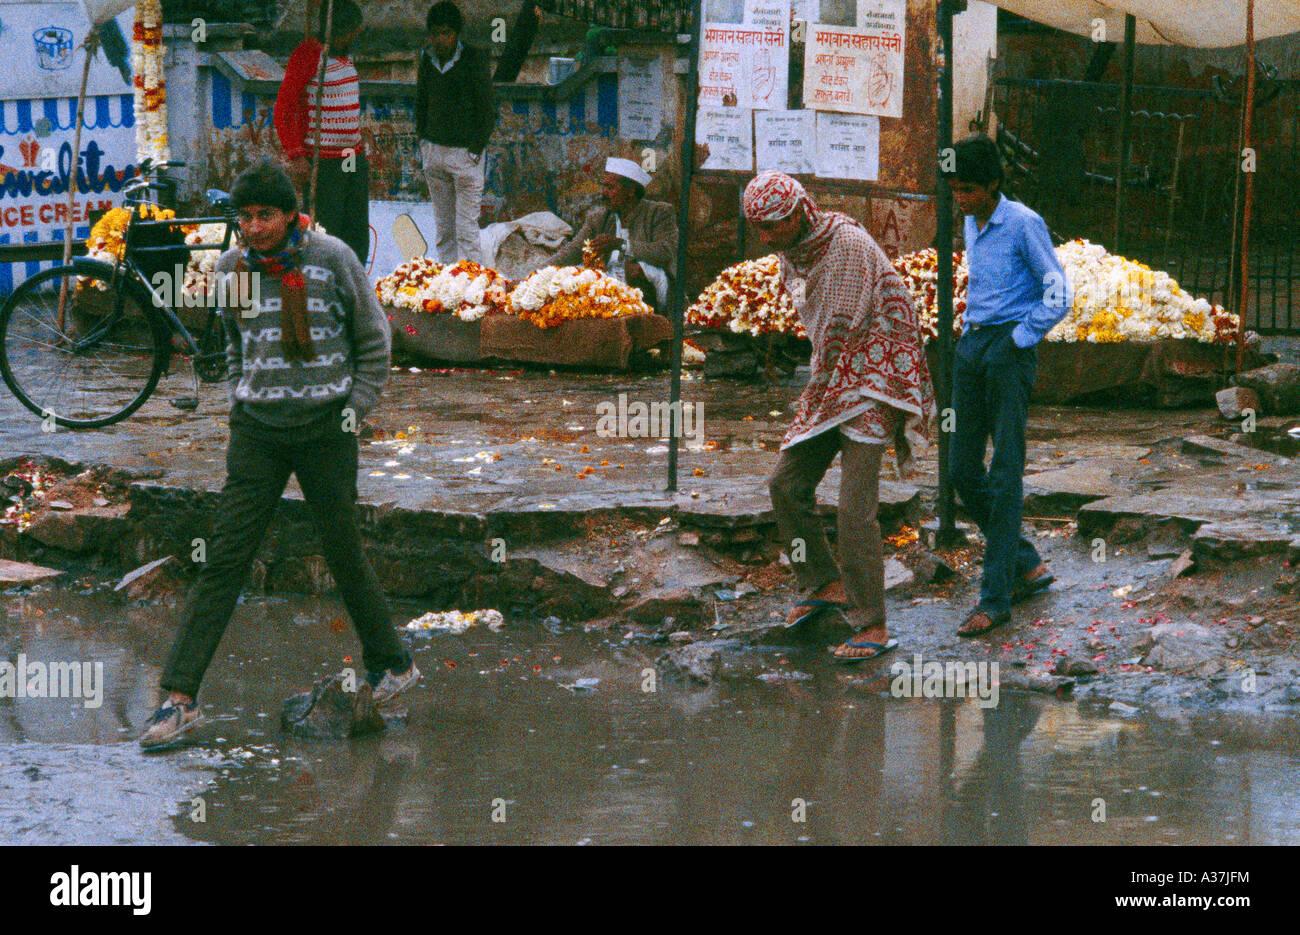 Jaipur India Monsoon Floods - Stock Image